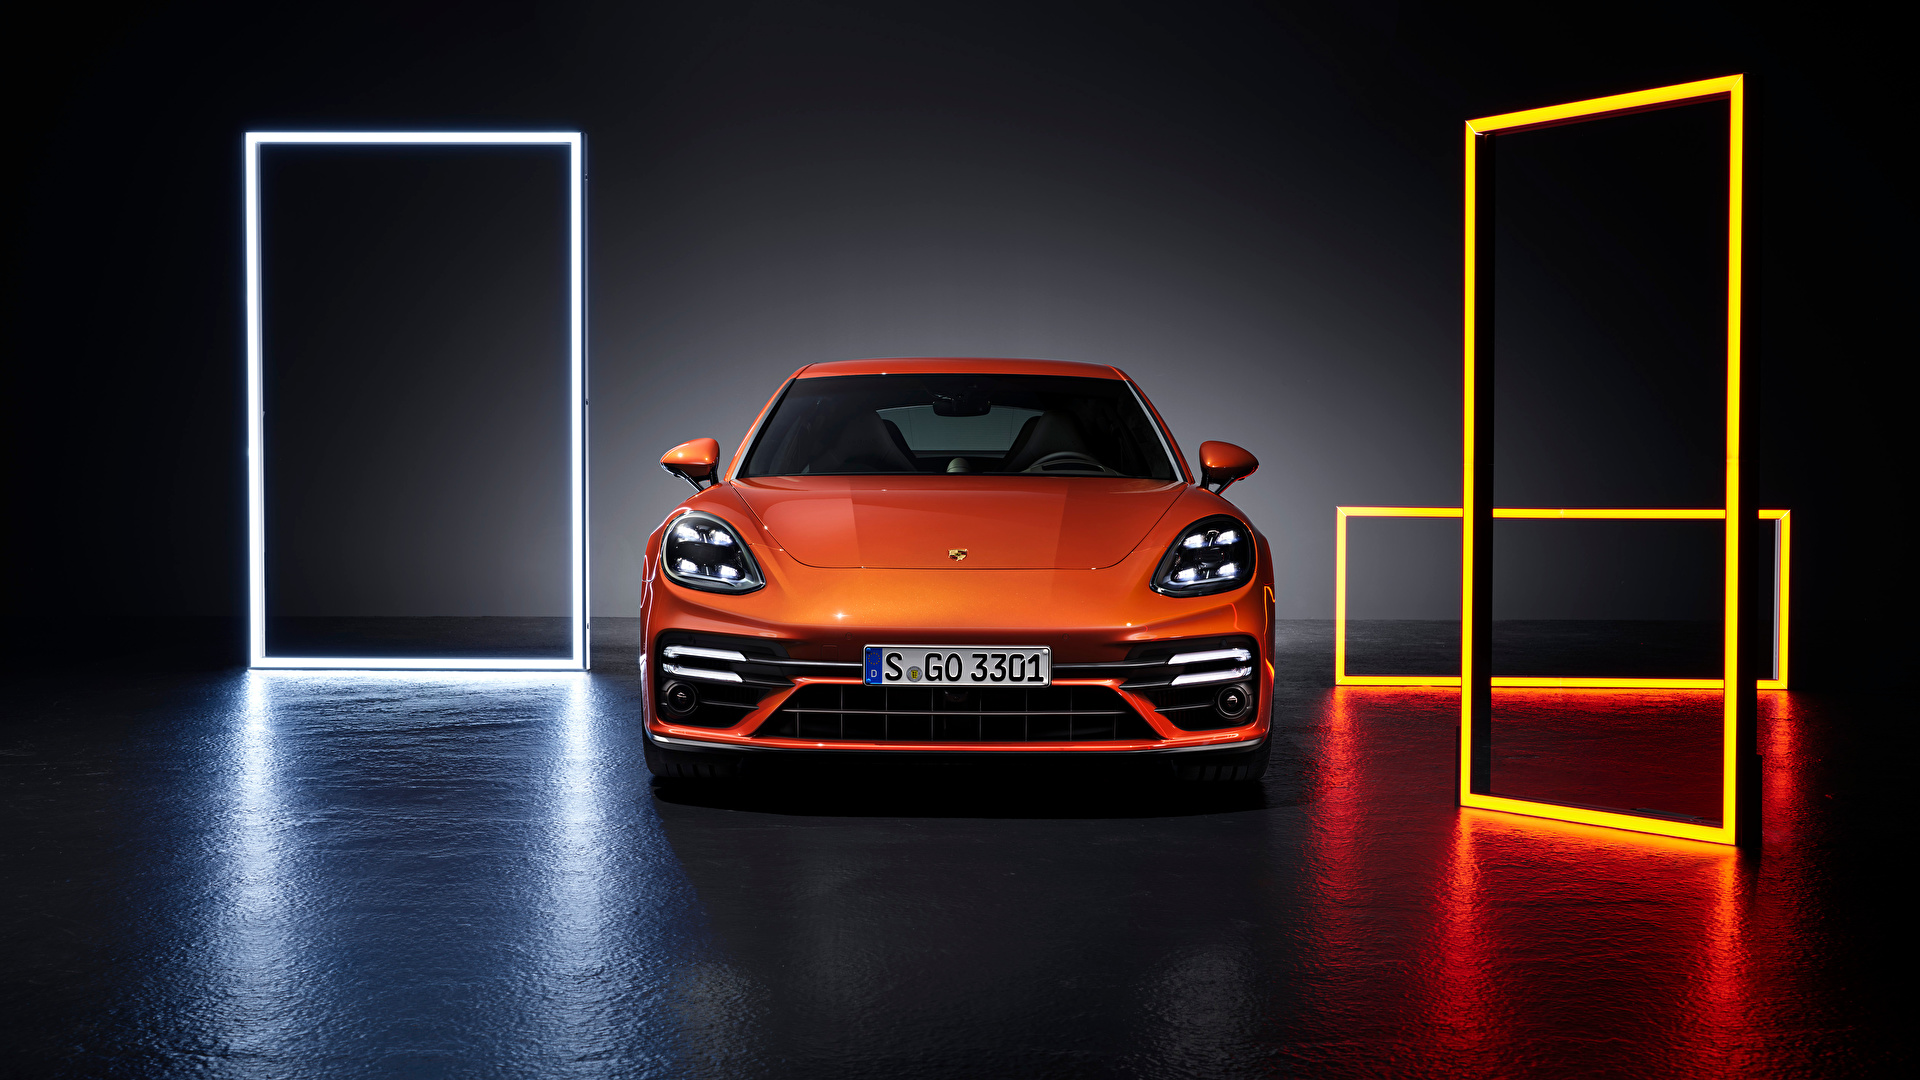 Фотография Porsche Panamera Turbo S (971), 2020 оранжевая машины Спереди Металлик 1920x1080 Порше Оранжевый оранжевые оранжевых авто машина Автомобили автомобиль